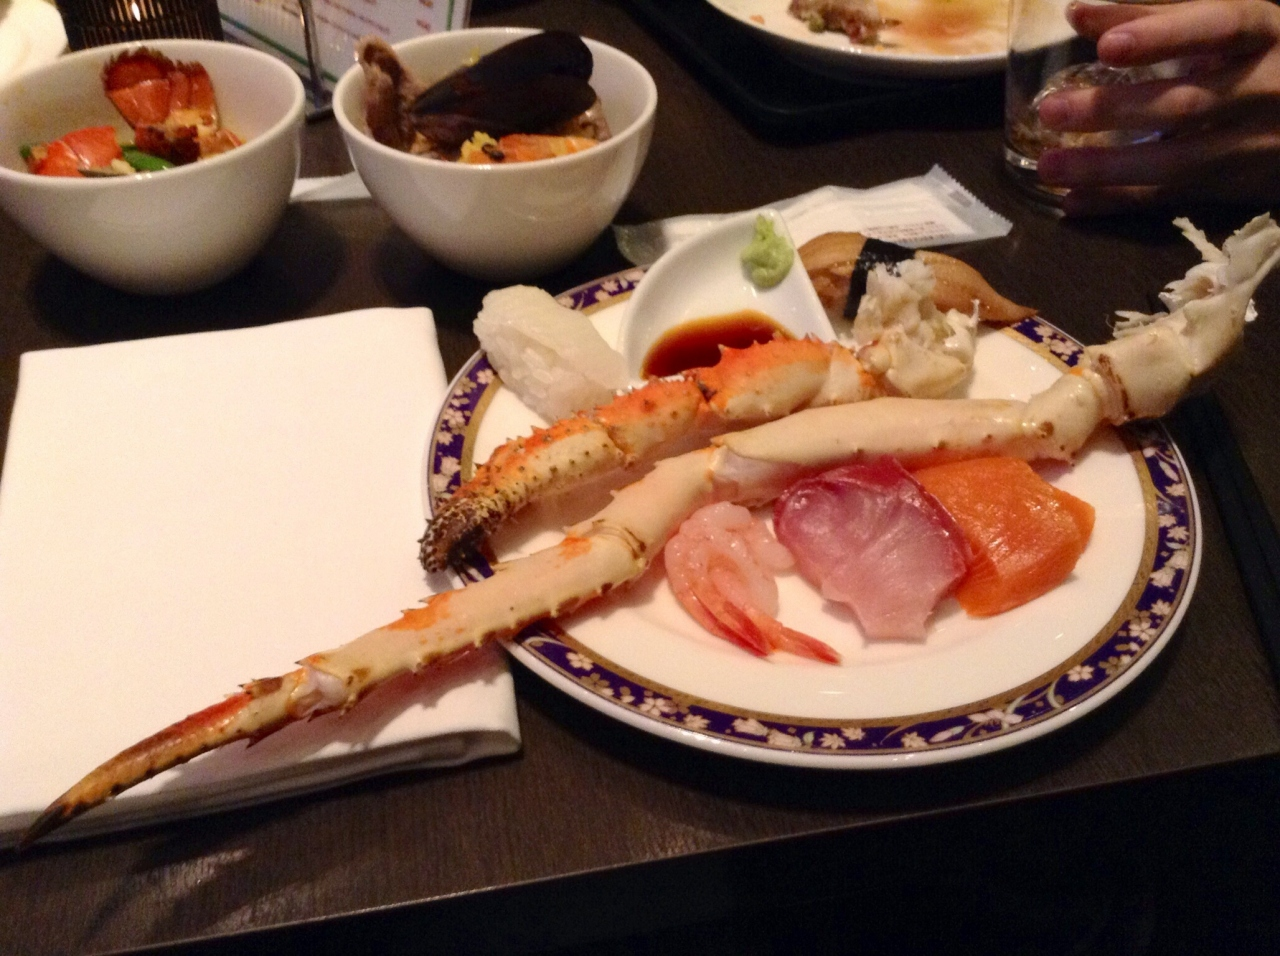 日本一のビュッフェ Luxe Dining Hapuna品川プリンスホテル